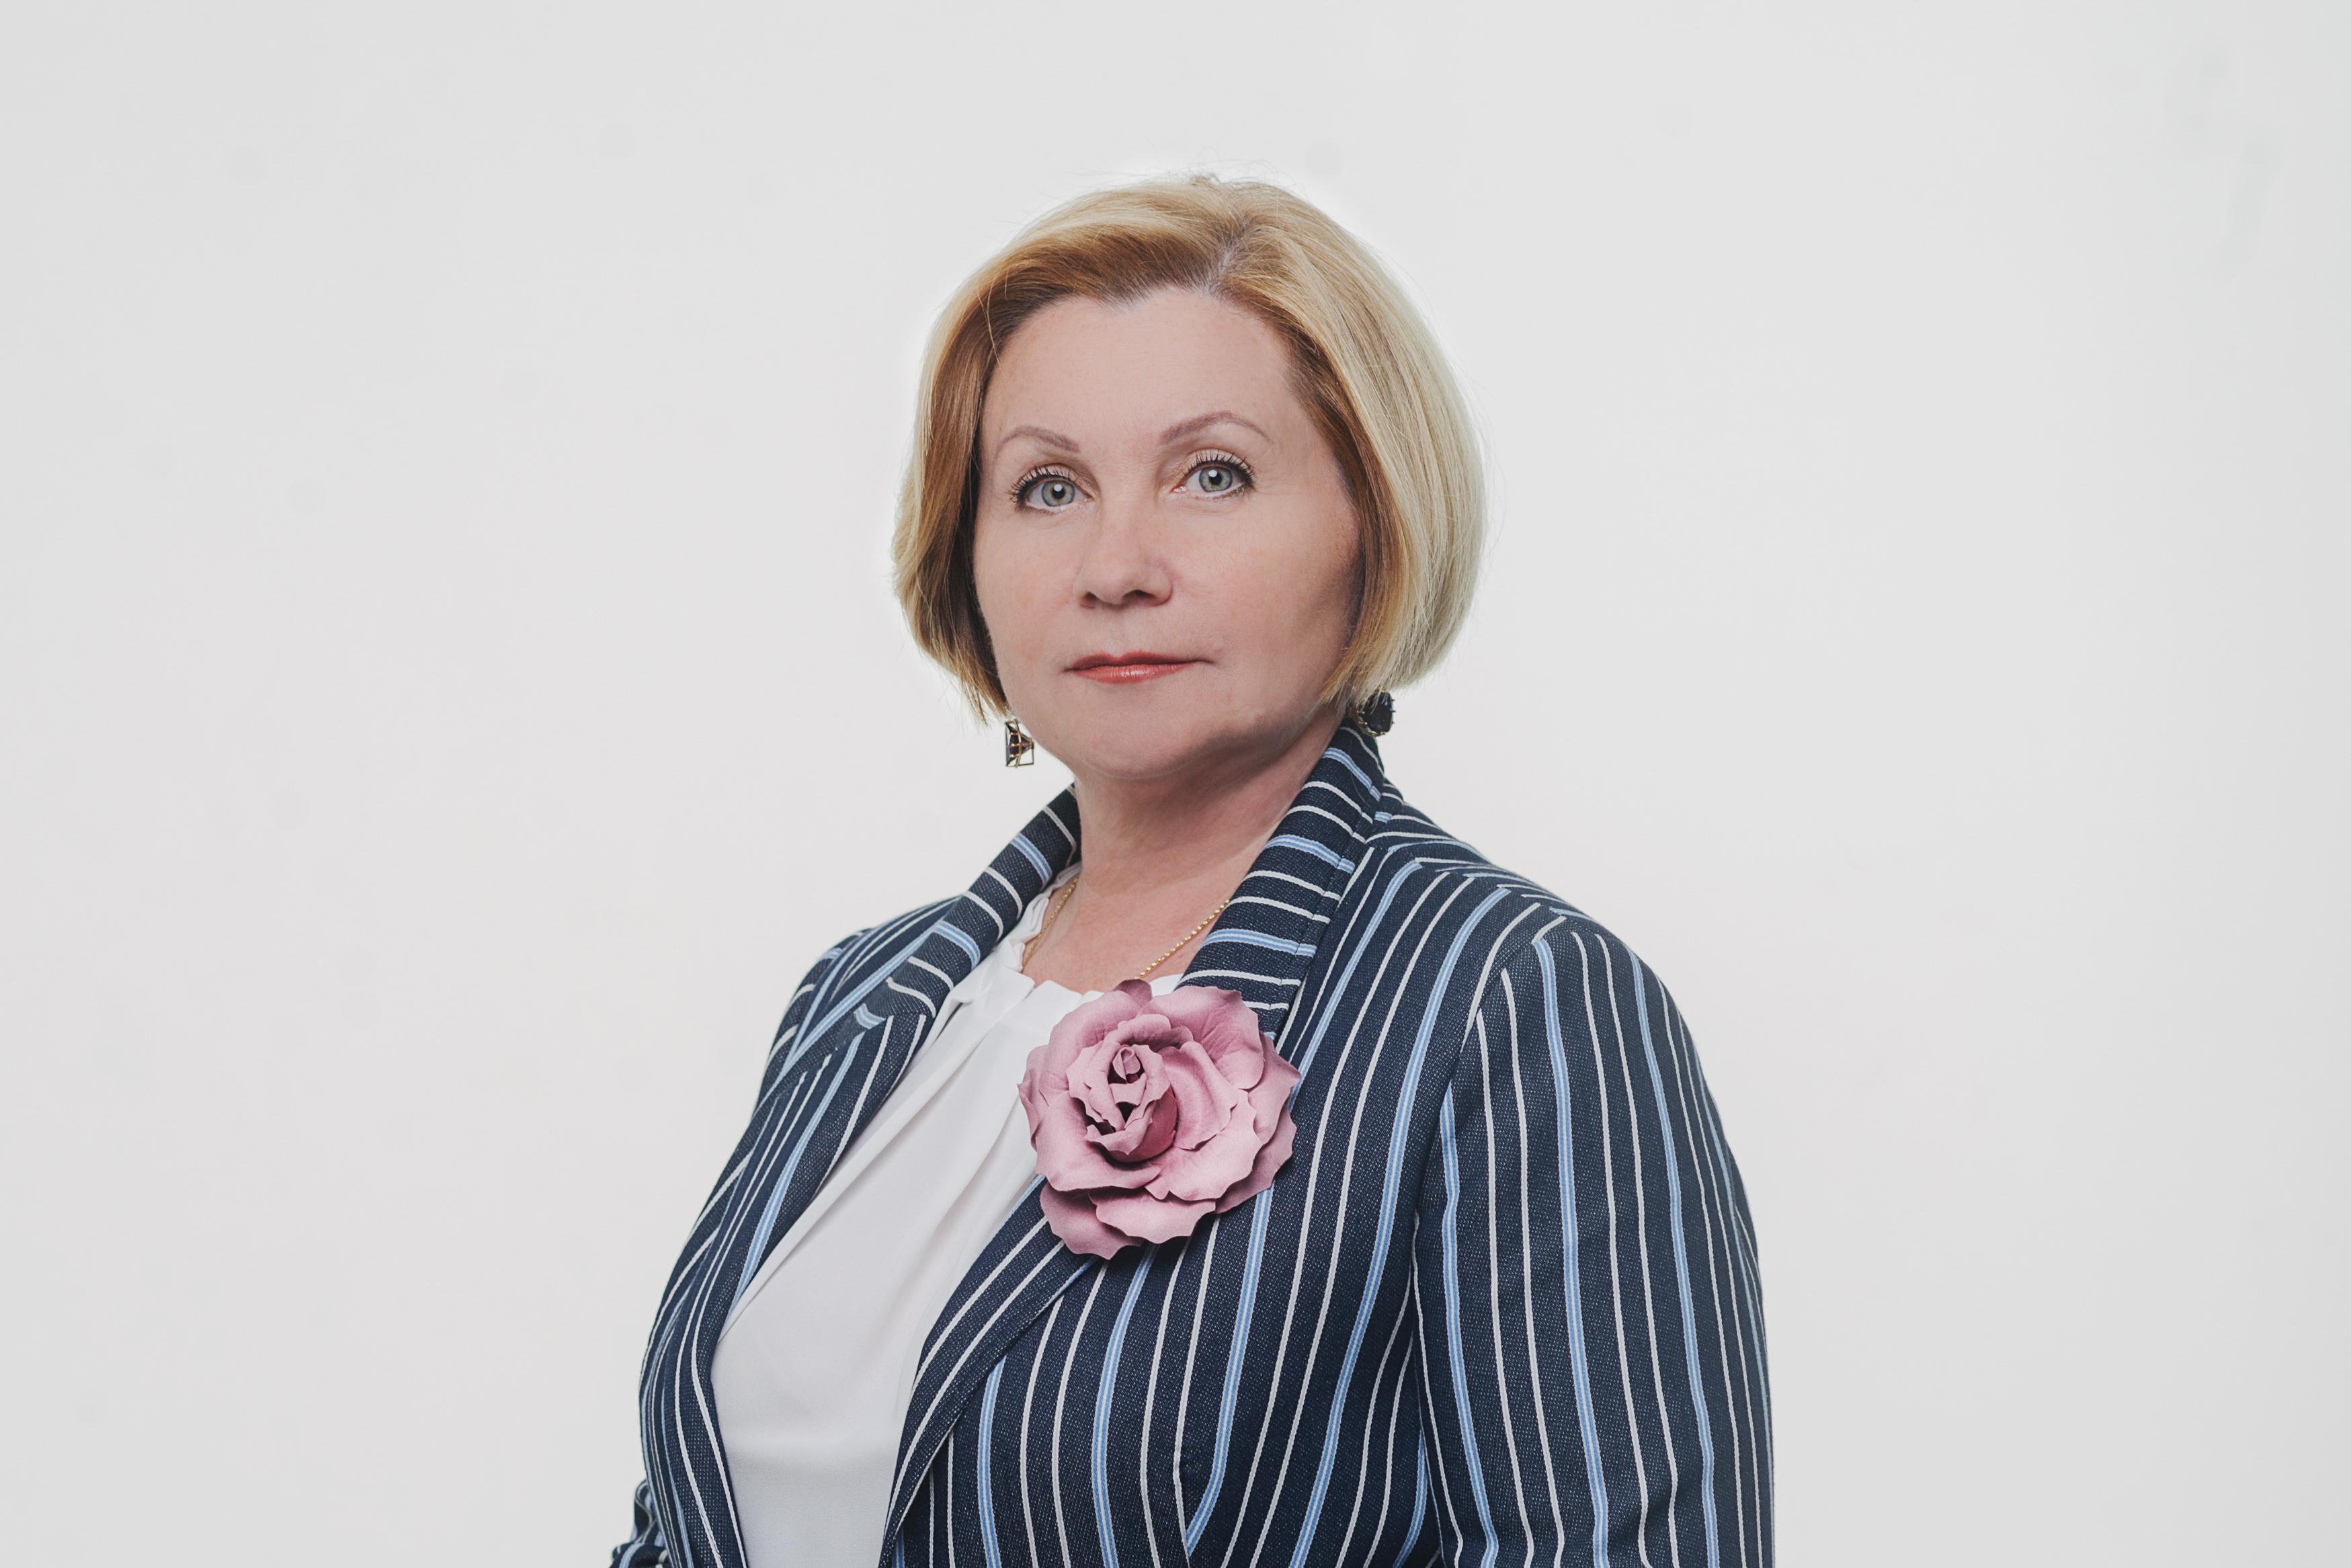 Ректору АлтГПУ И.Р. Лазаренко присвоено звание «Заслуженный работник науки и высшего образования Алтайского края»